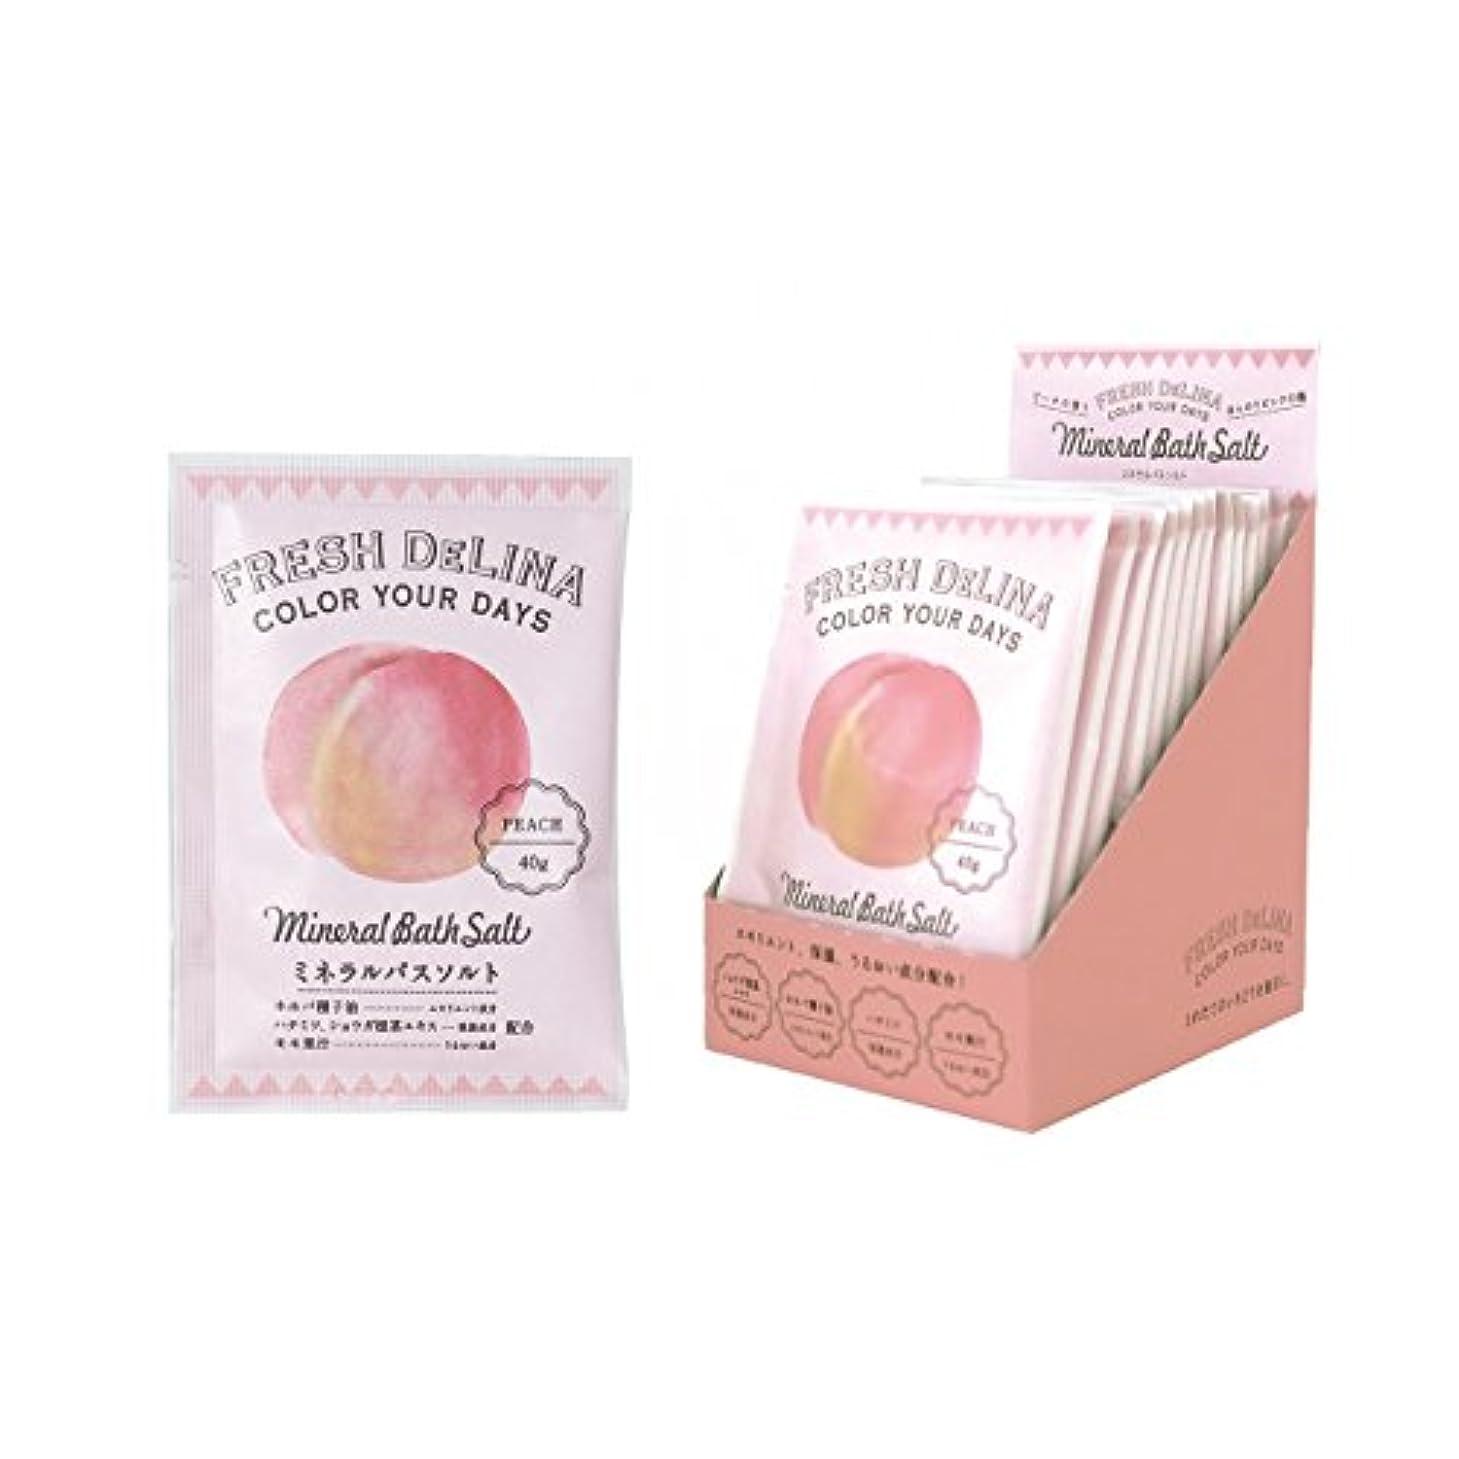 番号考える改修するフレッシュデリーナ ミネラルバスソルト40g(ピーチ) 12個 (海塩タイプ入浴料 日本製 みずみずしい桃の香り)